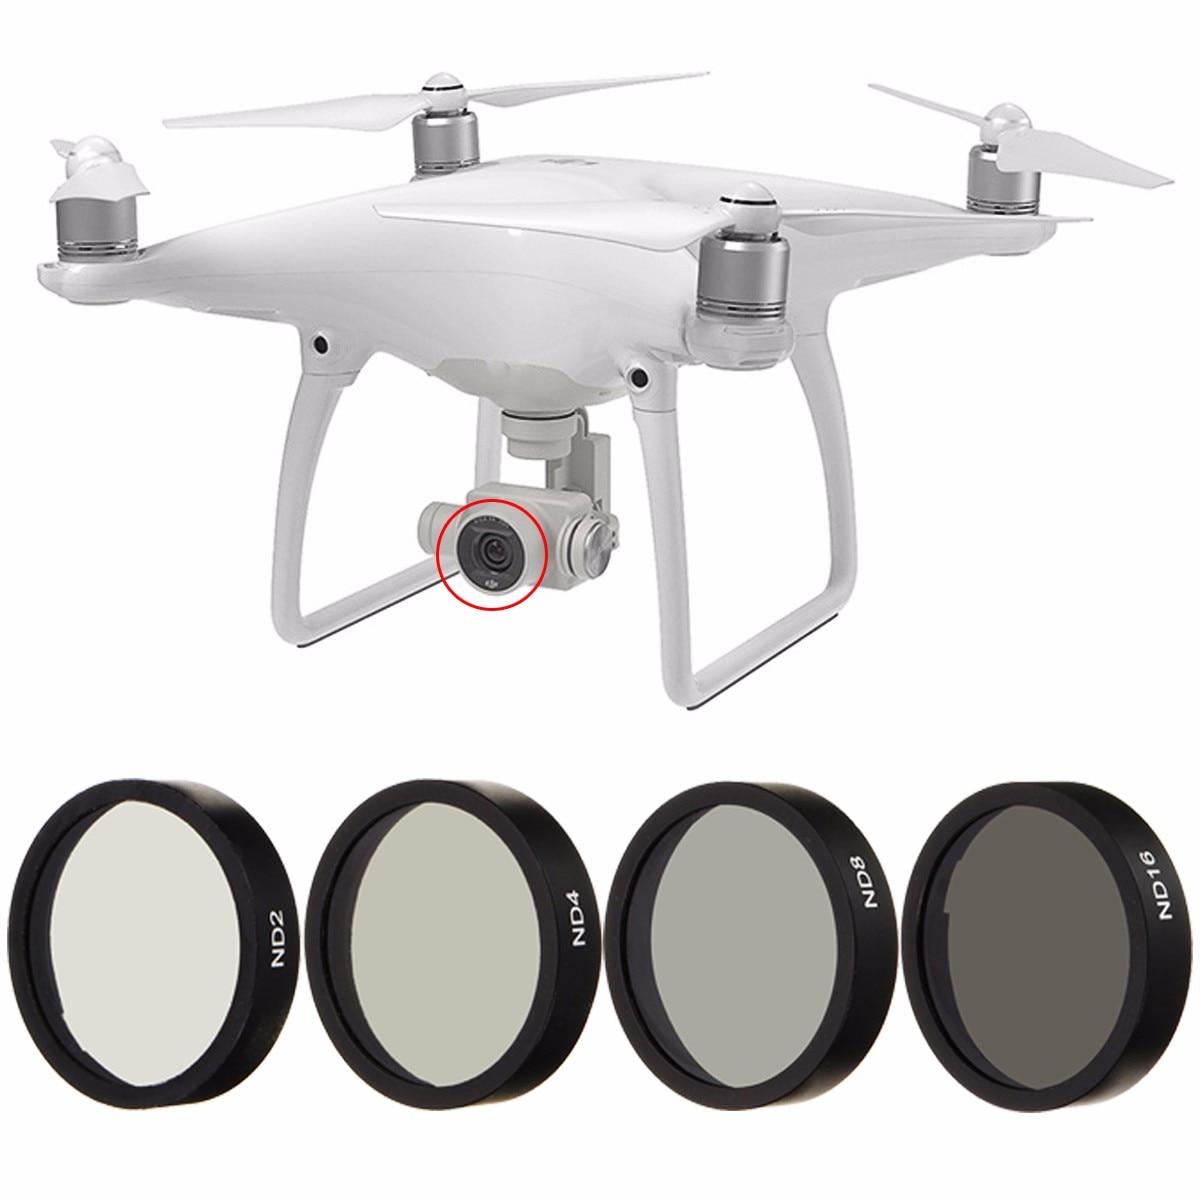 New 4pc ND2 ND4 ND8 ND16 Len Filter for DJI Phantom 3 4 Professional Advanced Camera Camera Drone Lens Set Black Frame 3 8mm lens 1 2 3 sensor 12megapixel s mount low distortion for dji phantom 3 aerial gopro 4 camera drones